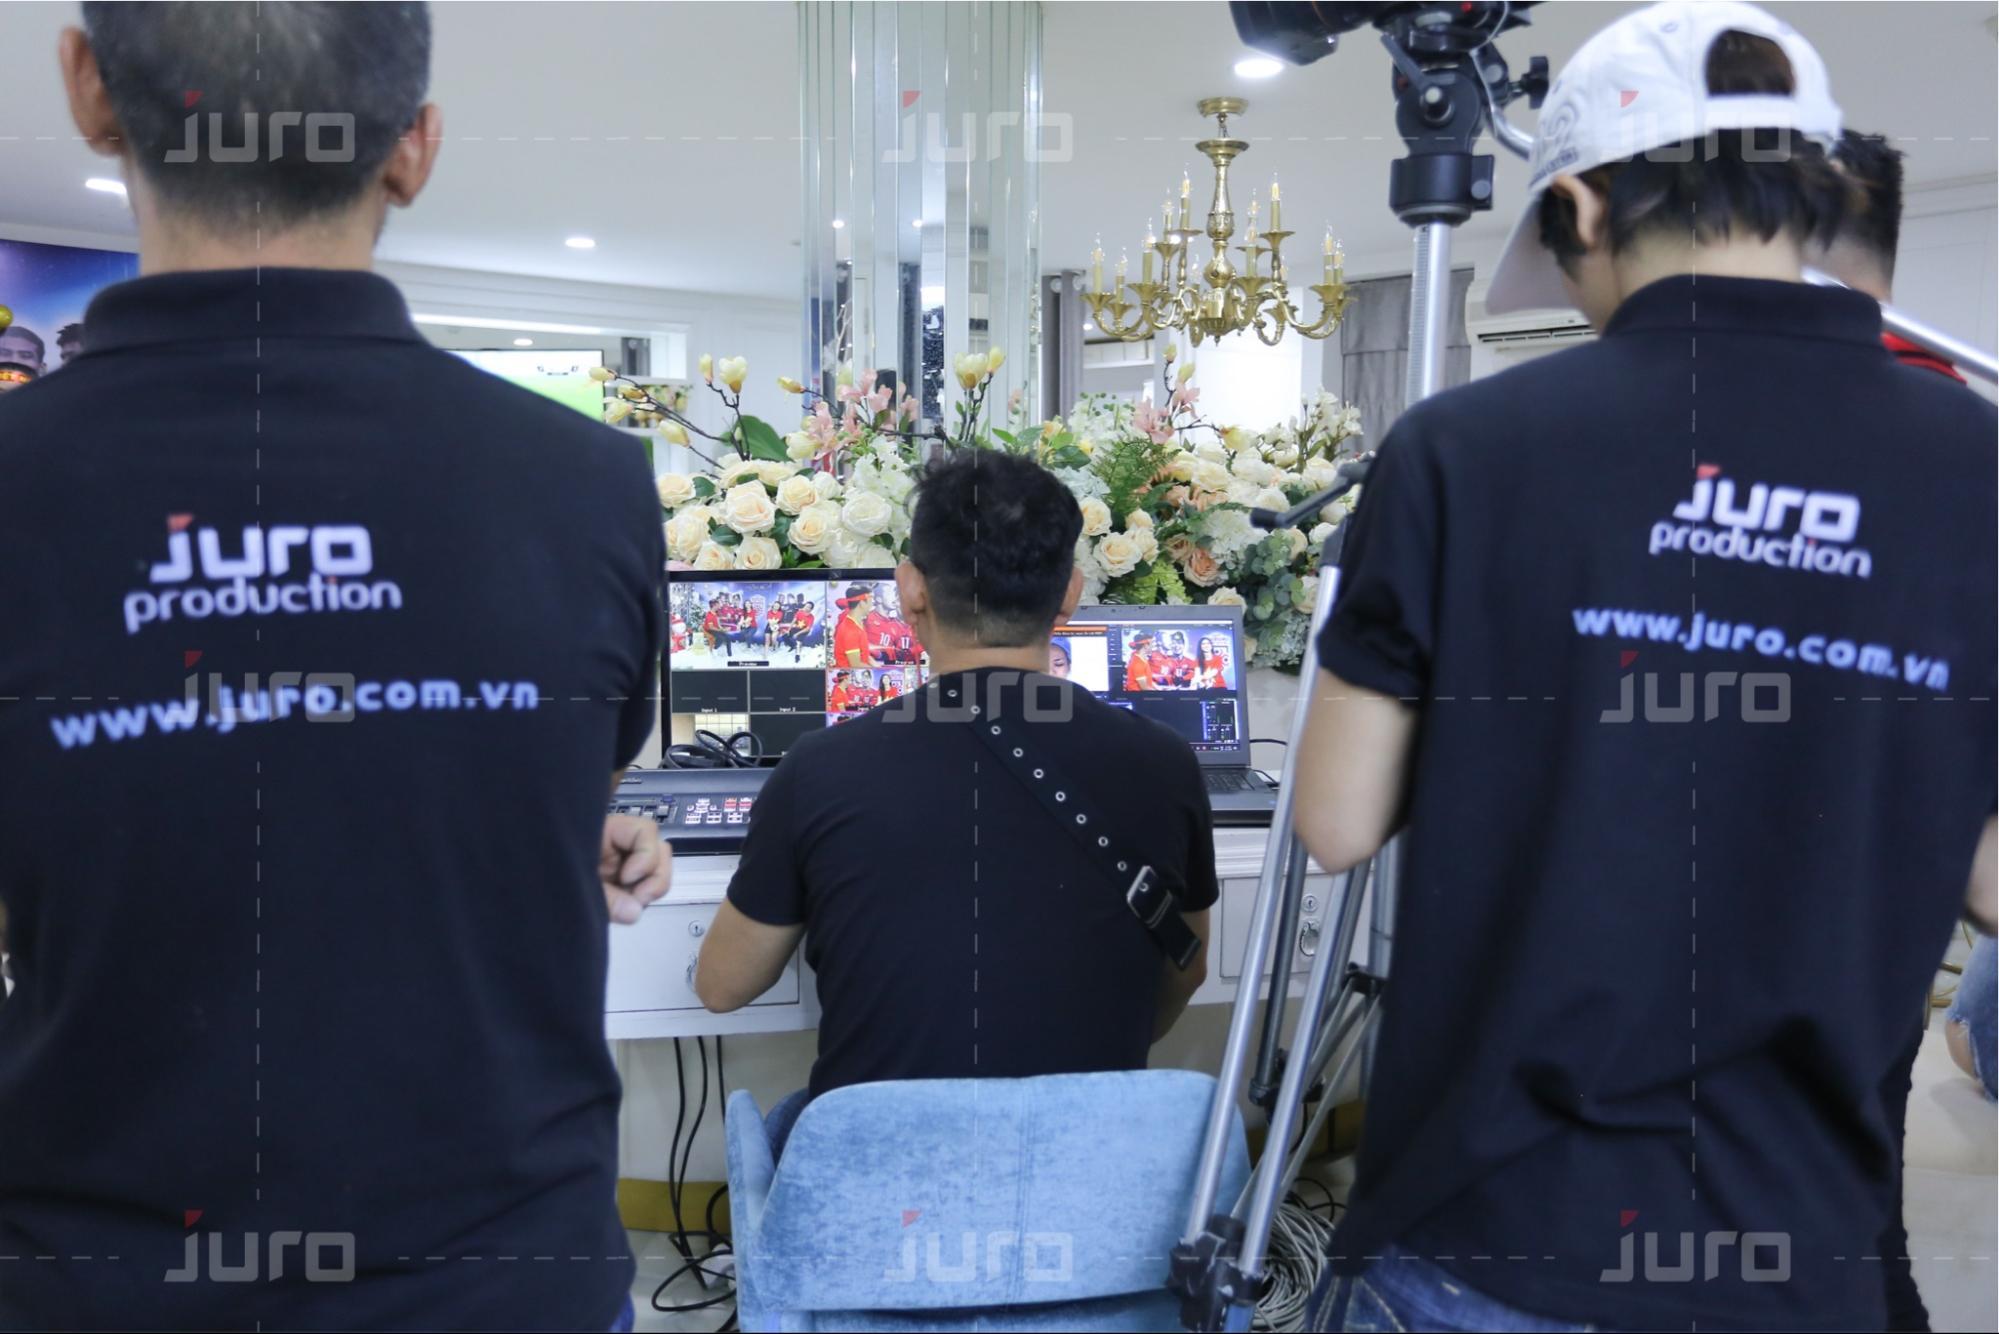 Đội ngũ JURO với những kỹ năng chuyên nghiệp trong ngành tổ chức sự kiện